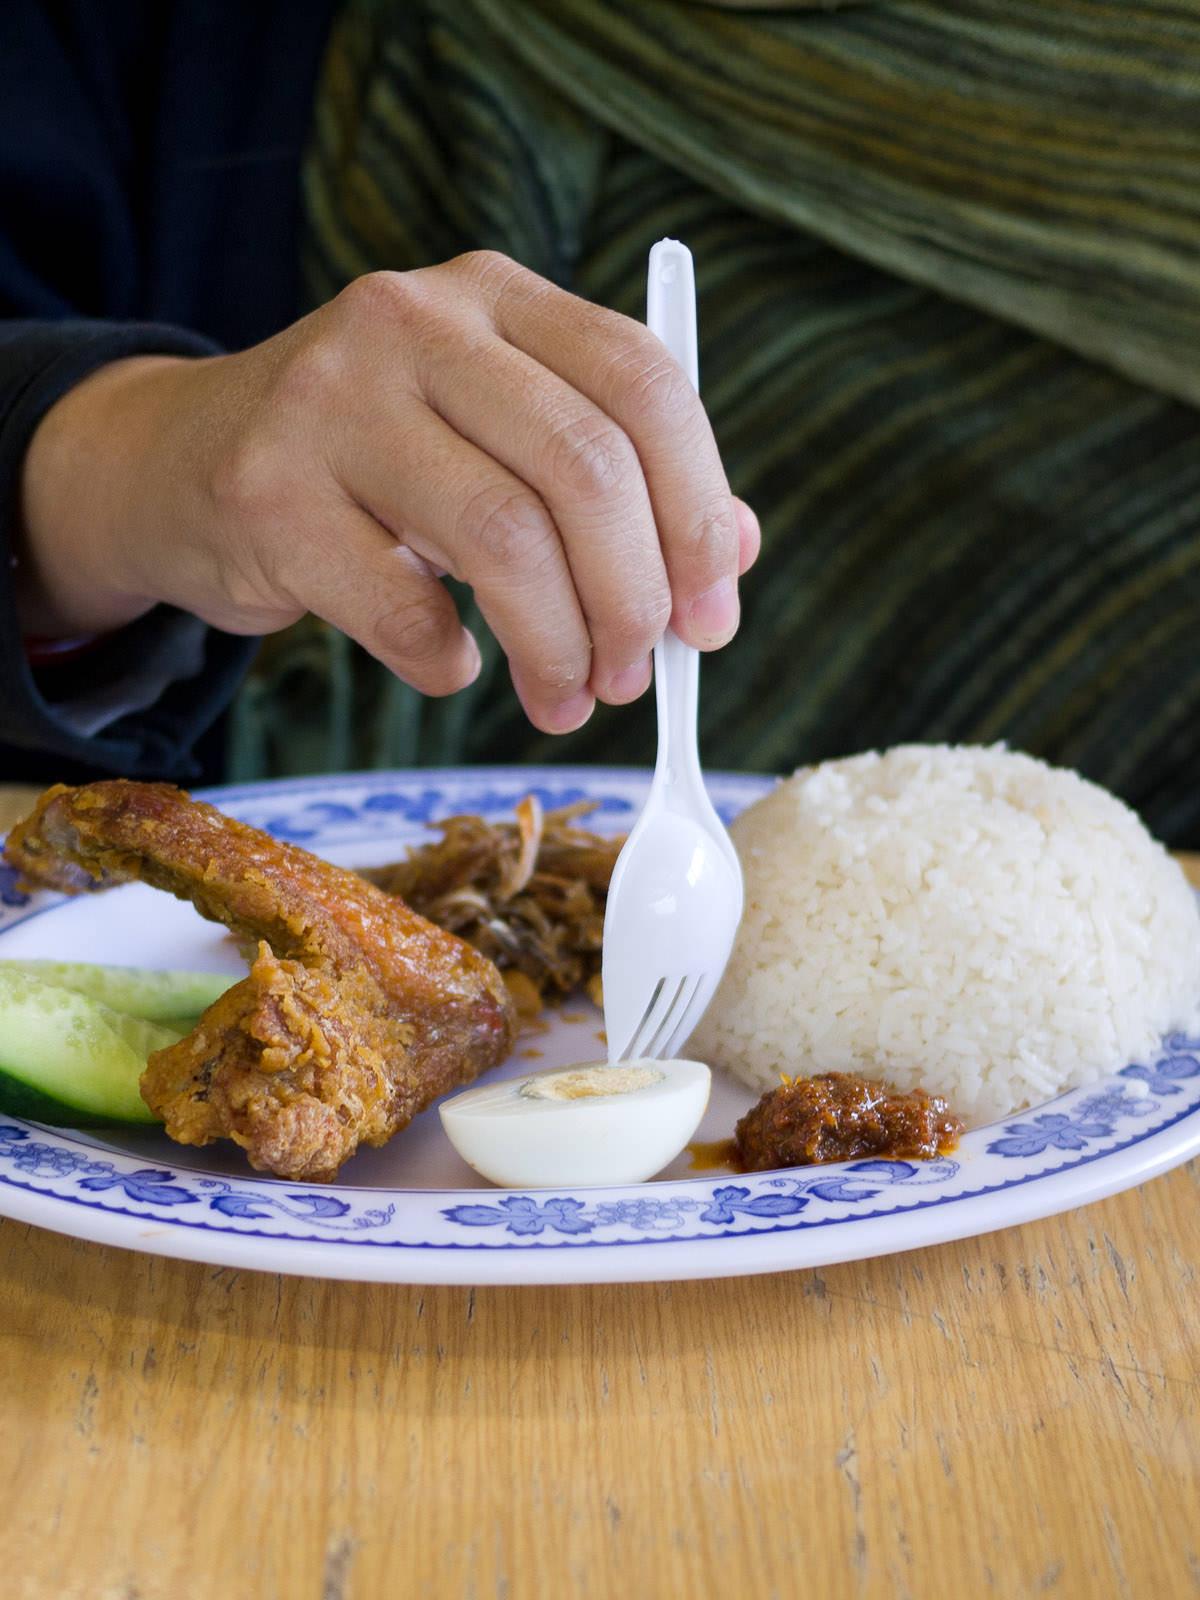 Digging into nasi lemak